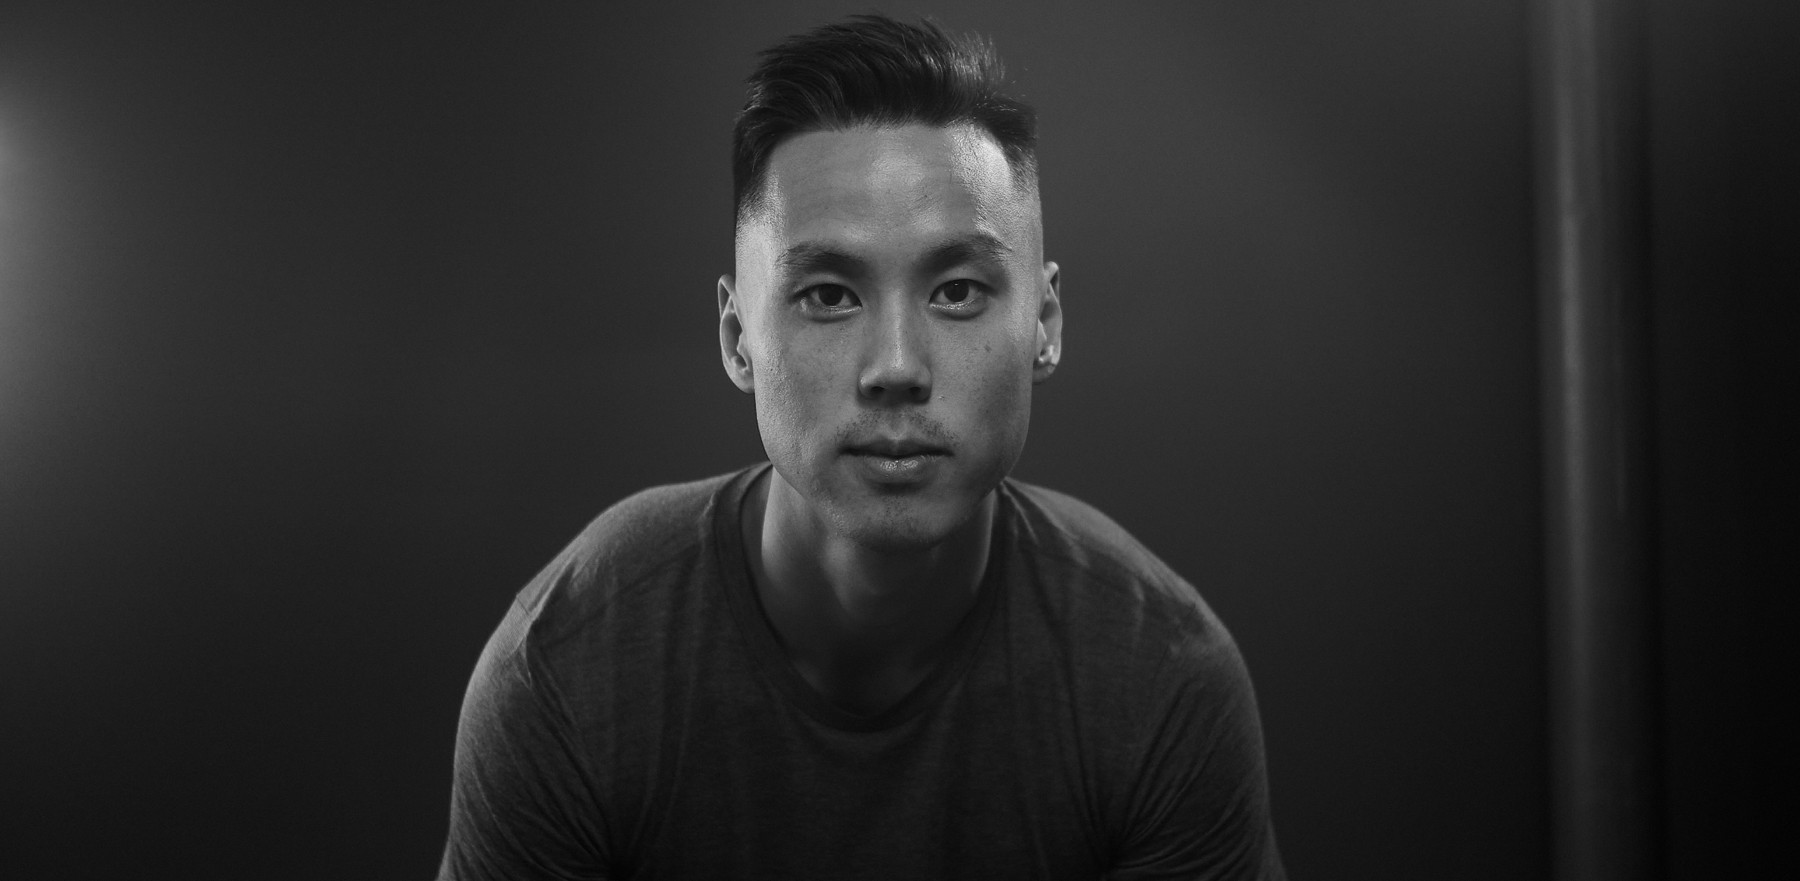 Clint_Brewer_Marketing_EA_PortraitProjec